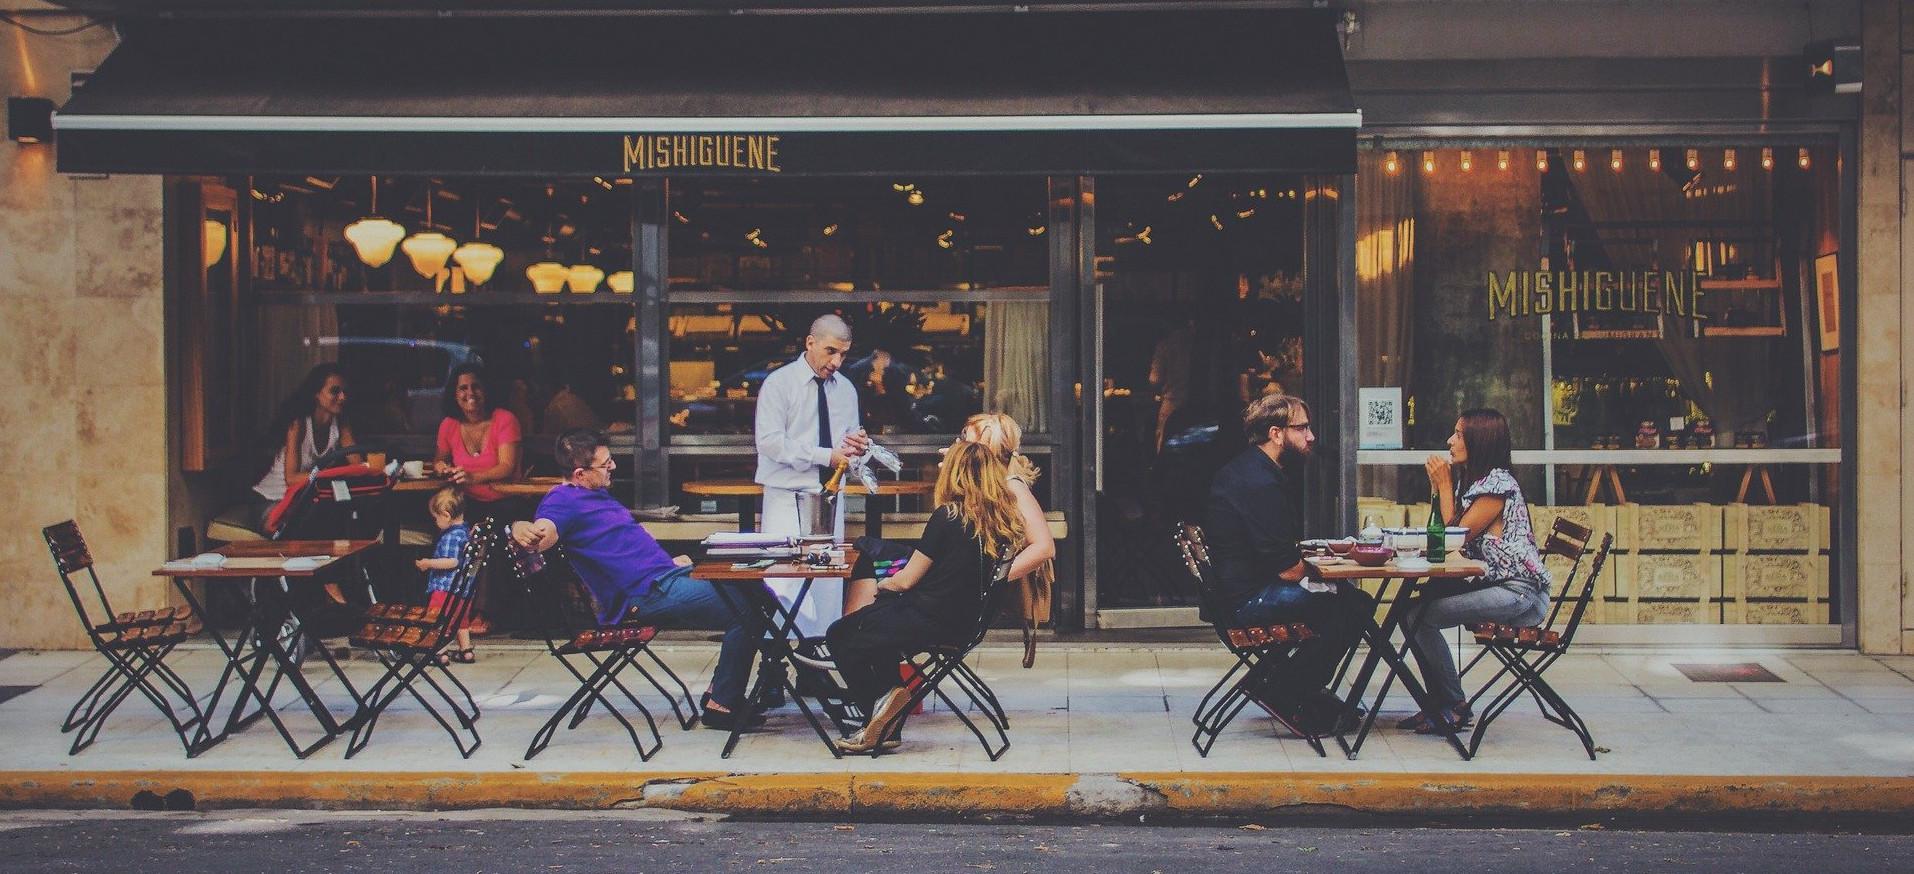 Online Marketing Restaurants